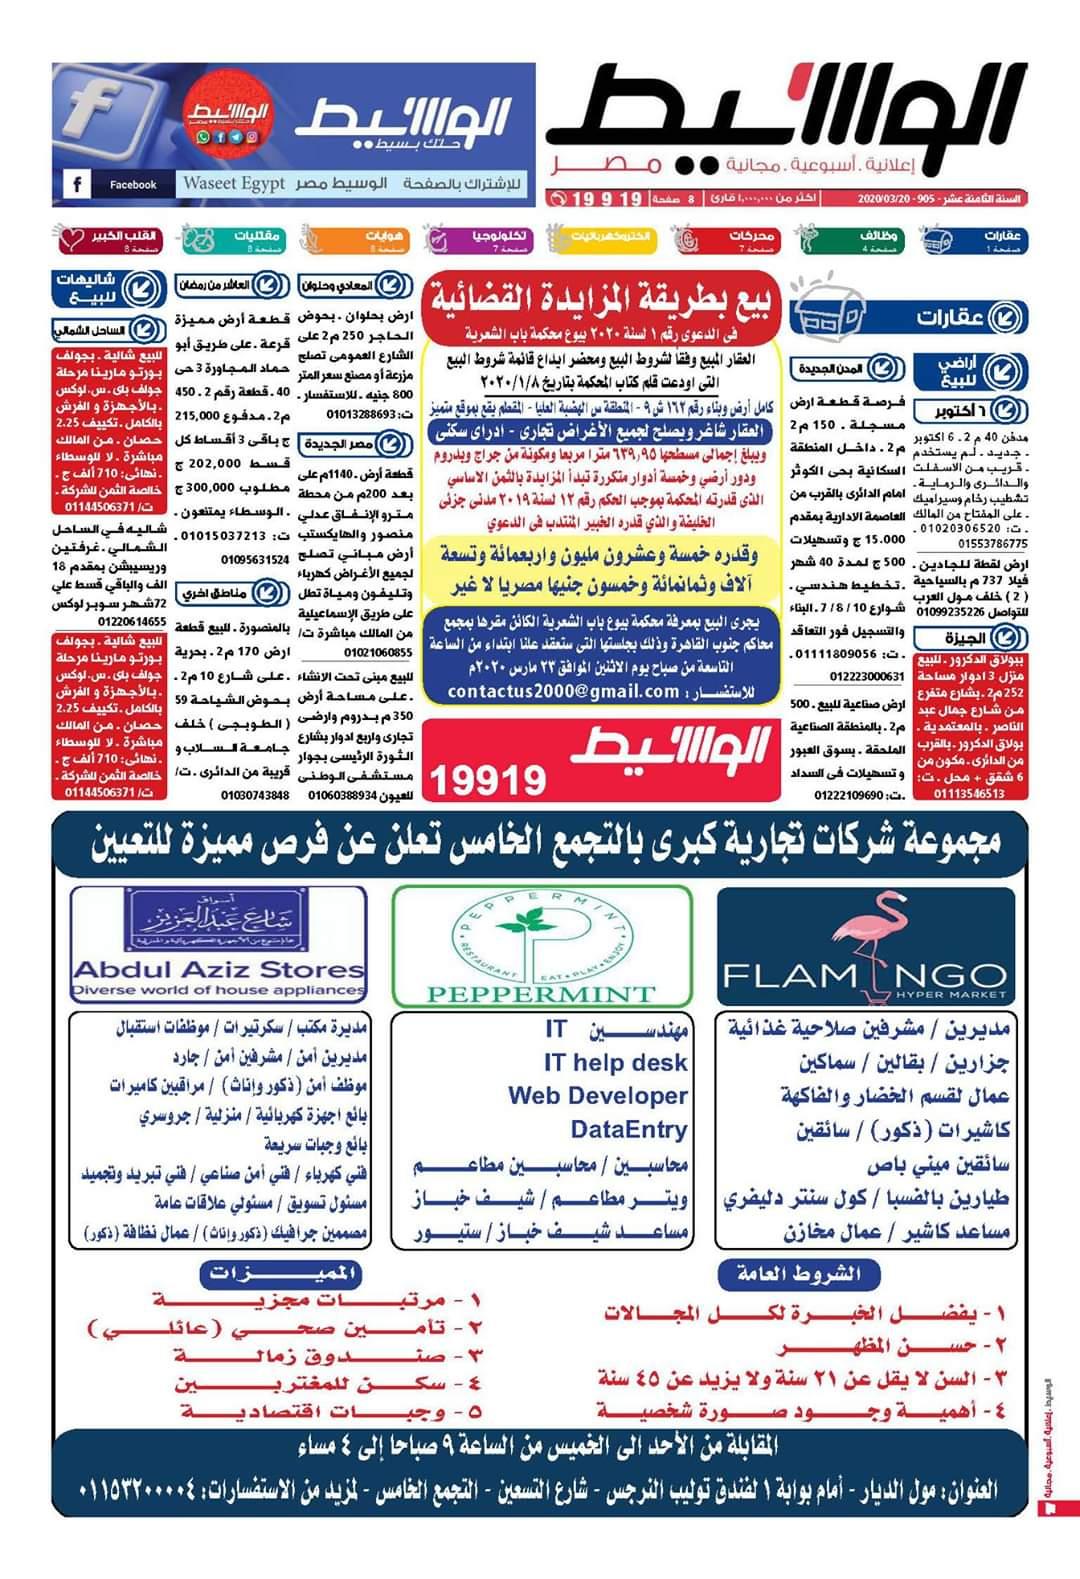 الوسيط وظائف واعلانات الوسيط الجمعة 20 مارس 2020